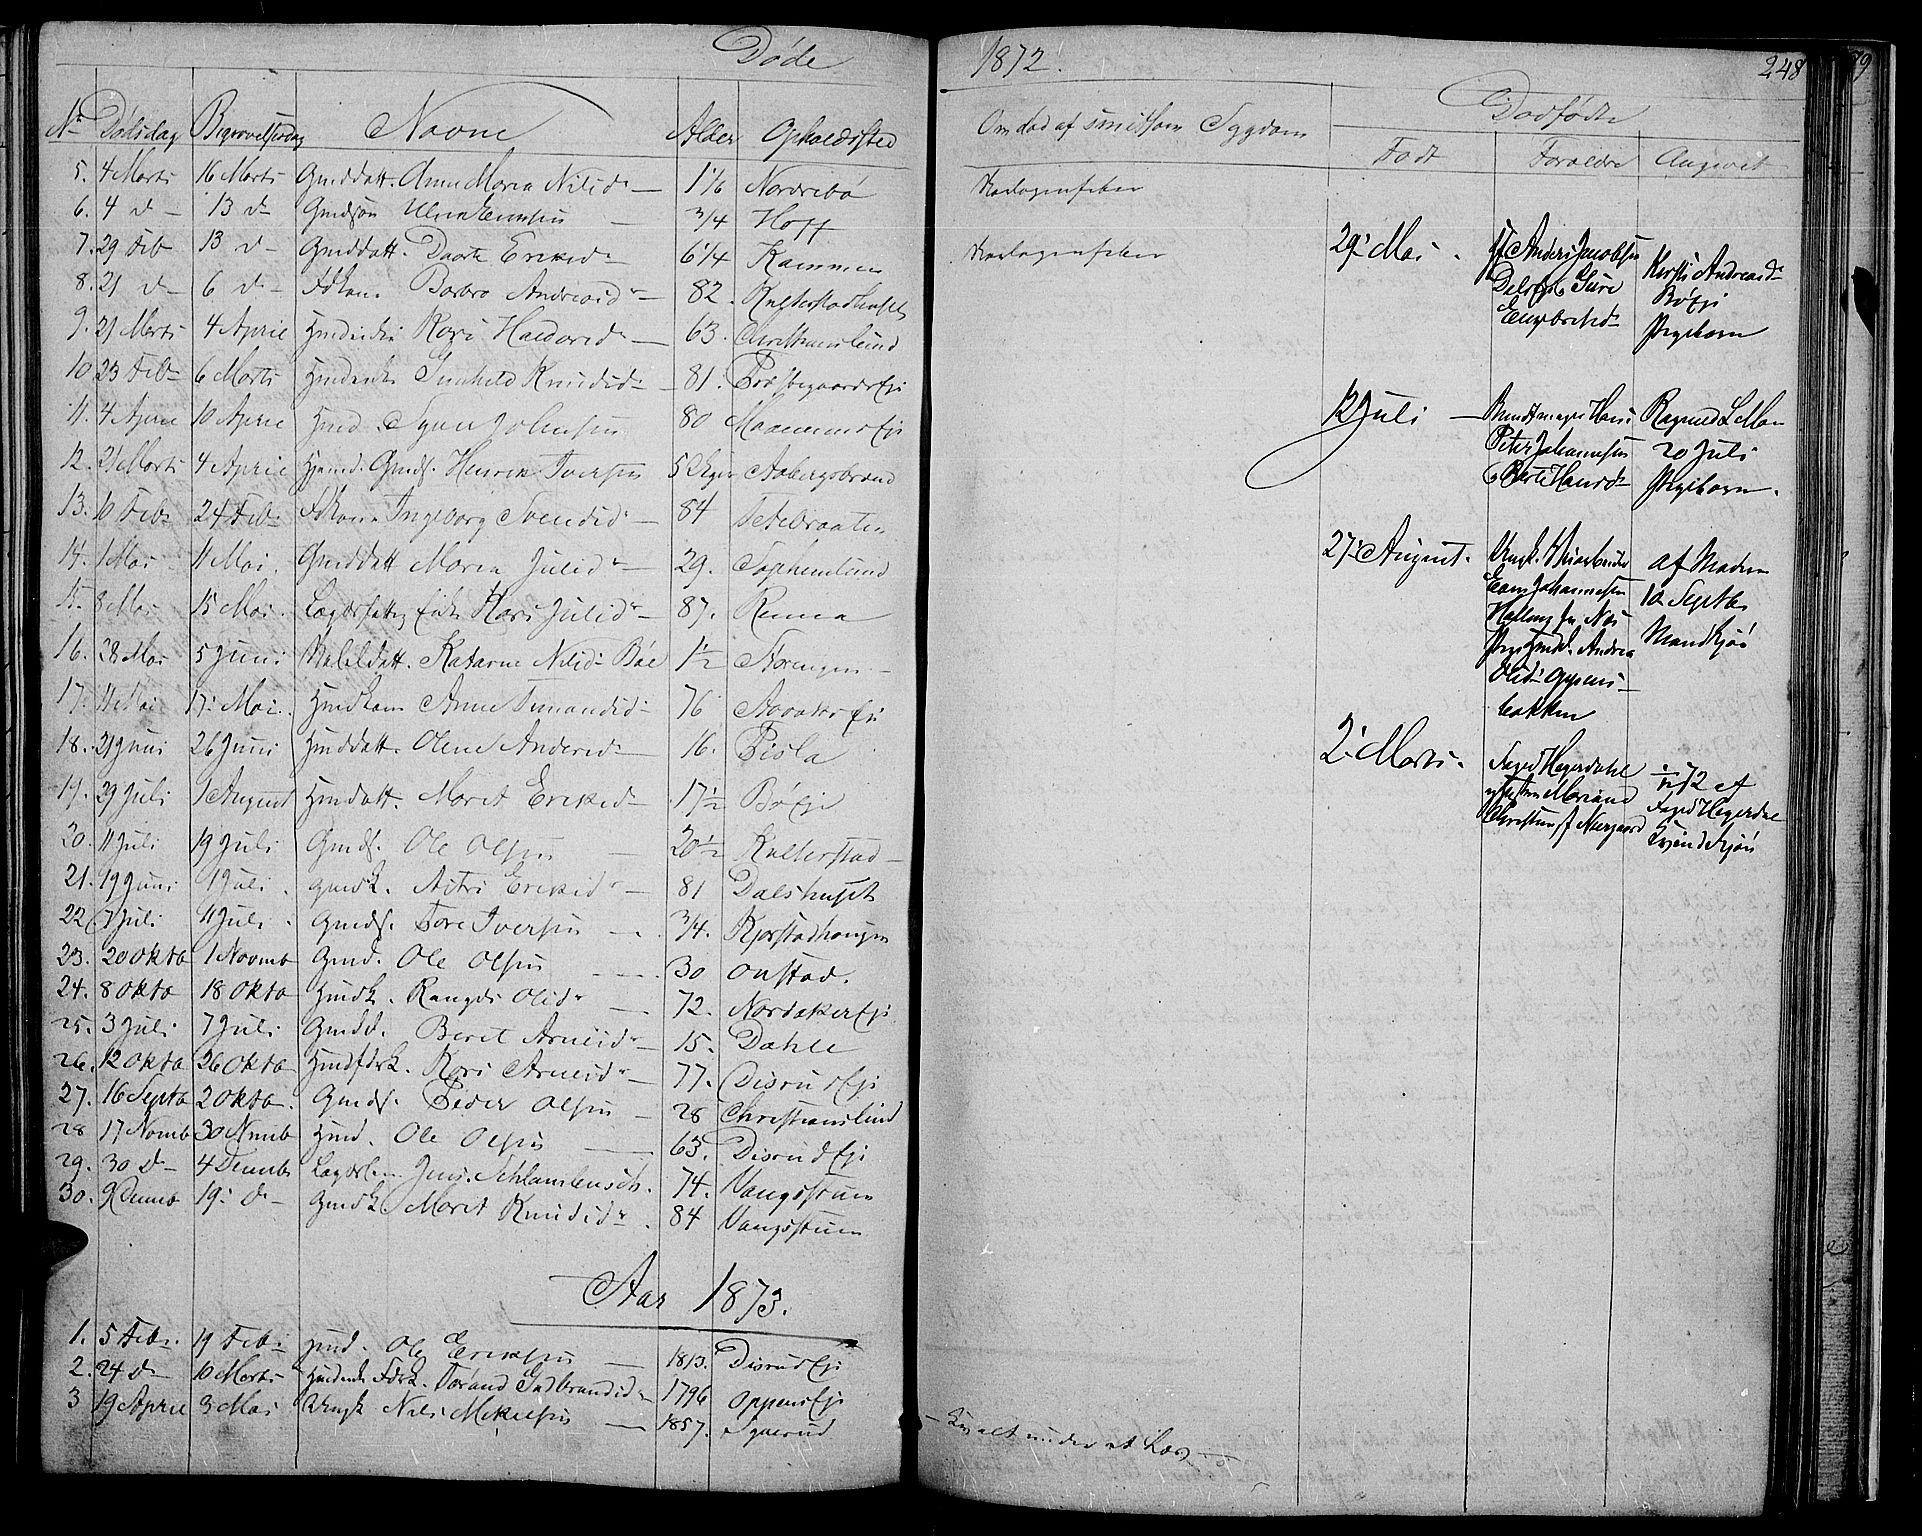 SAH, Nord-Aurdal prestekontor, Klokkerbok nr. 2, 1842-1877, s. 248